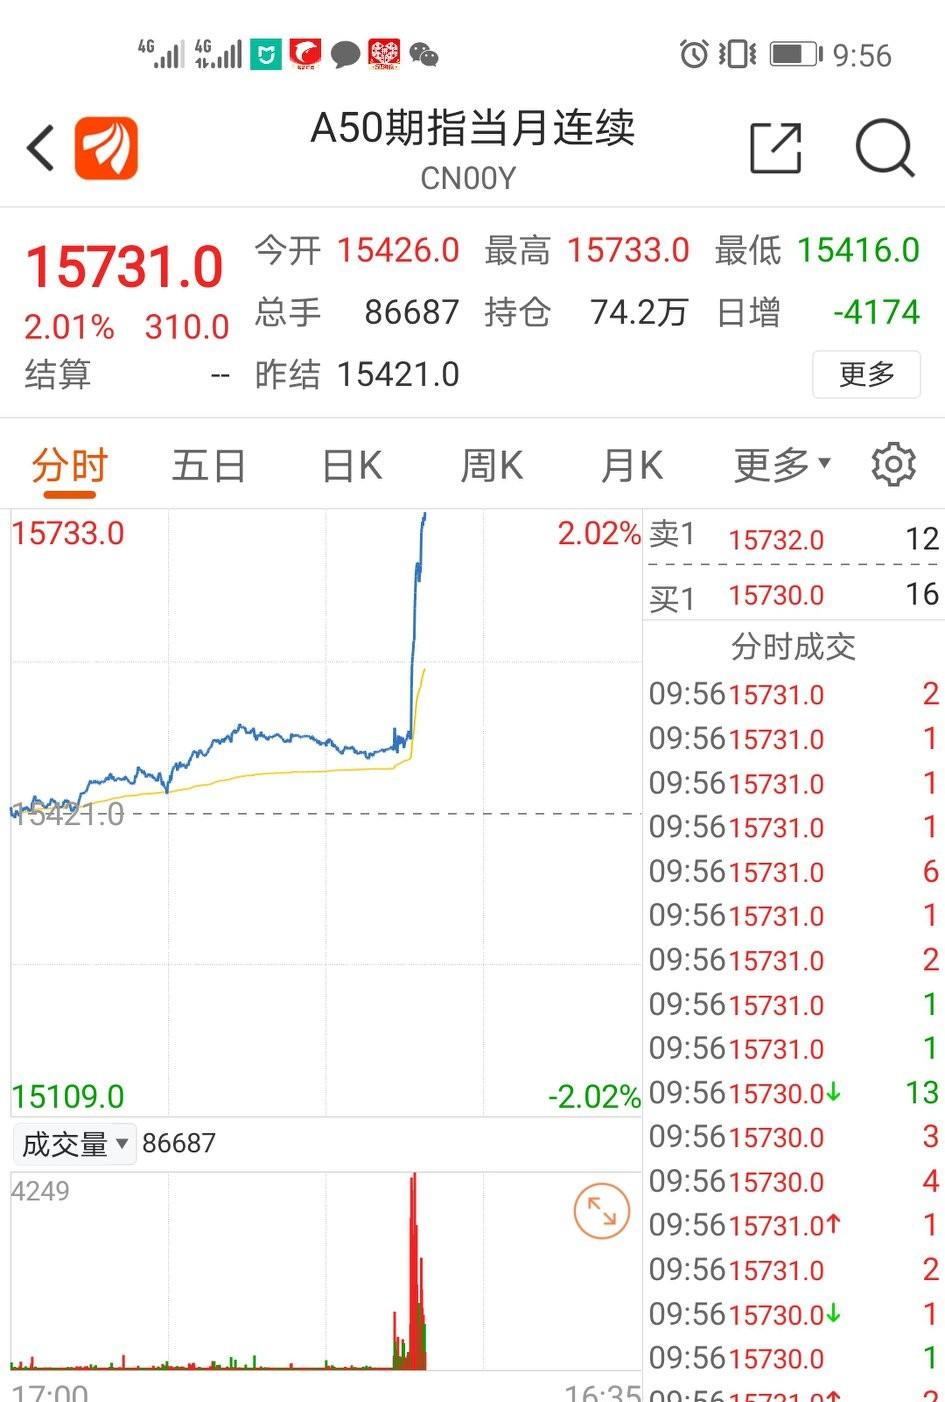 10.12日 A50暴拉,券商大涨2.23%,行情已经启动!